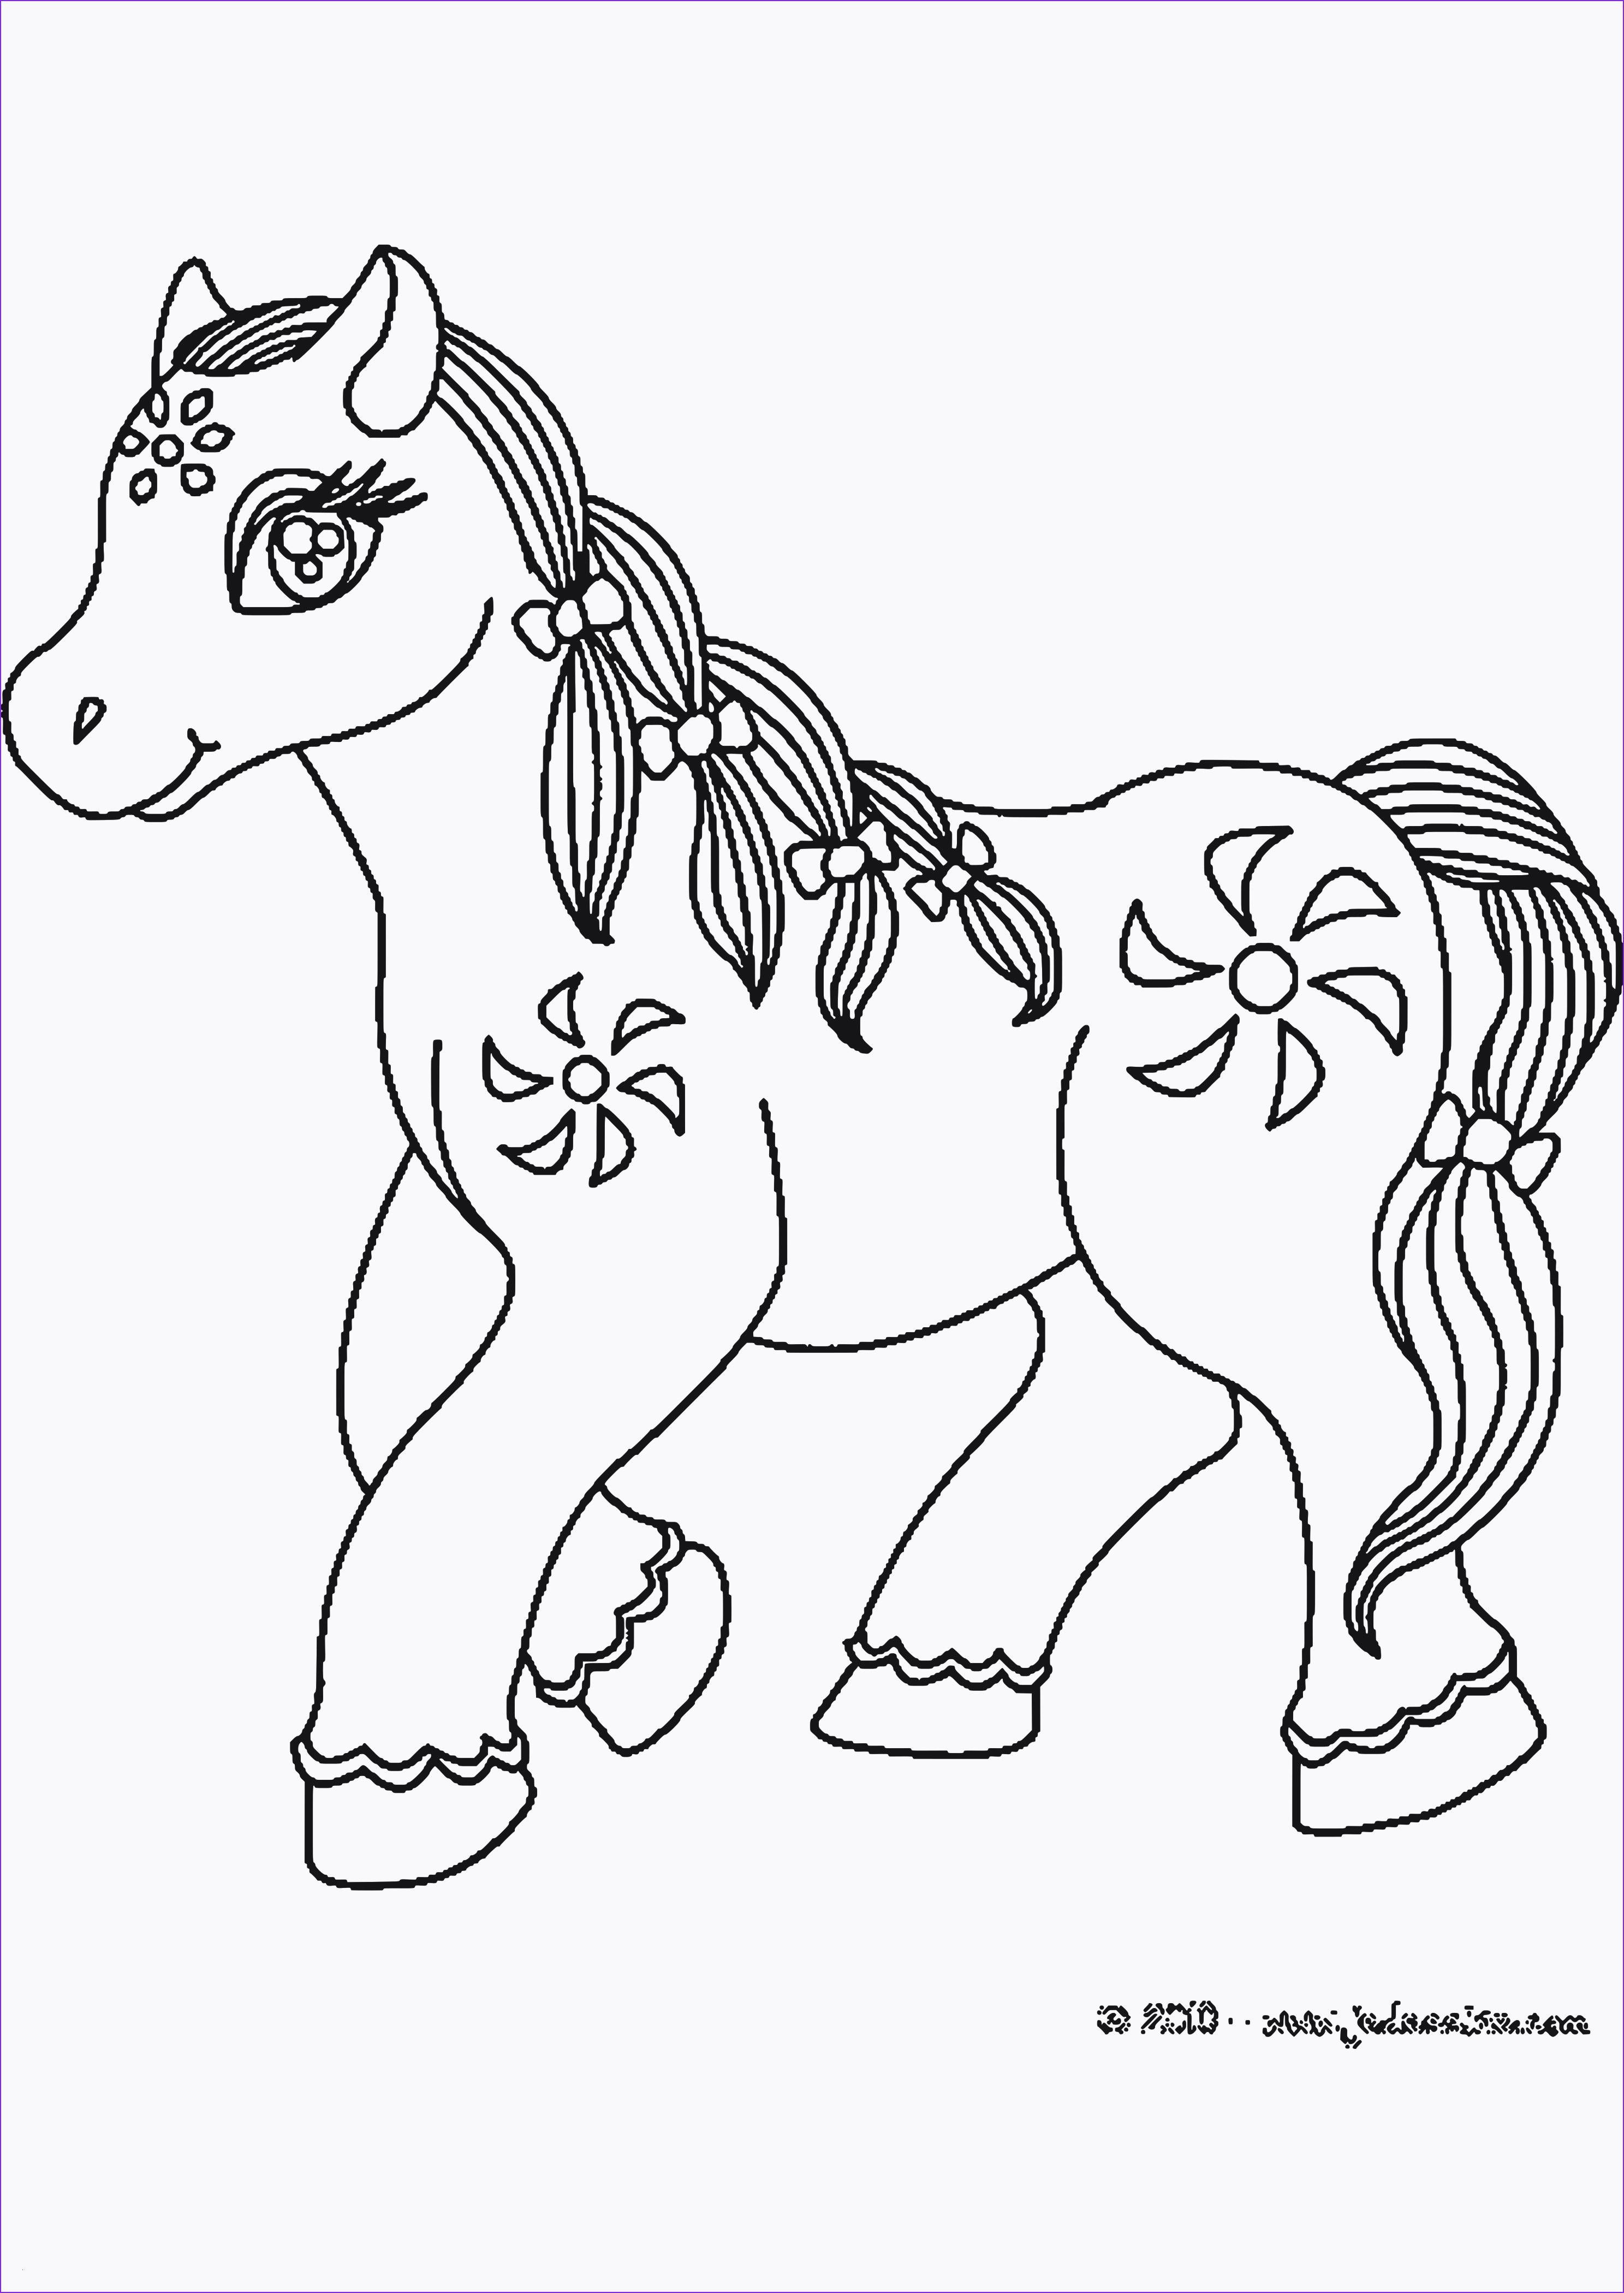 Pferde Ausmalbilder Zum Drucken Frisch Pferdebilder Zum Ausdrucken Blendend 60 Neu Bilder Echte Pferde Das Bild